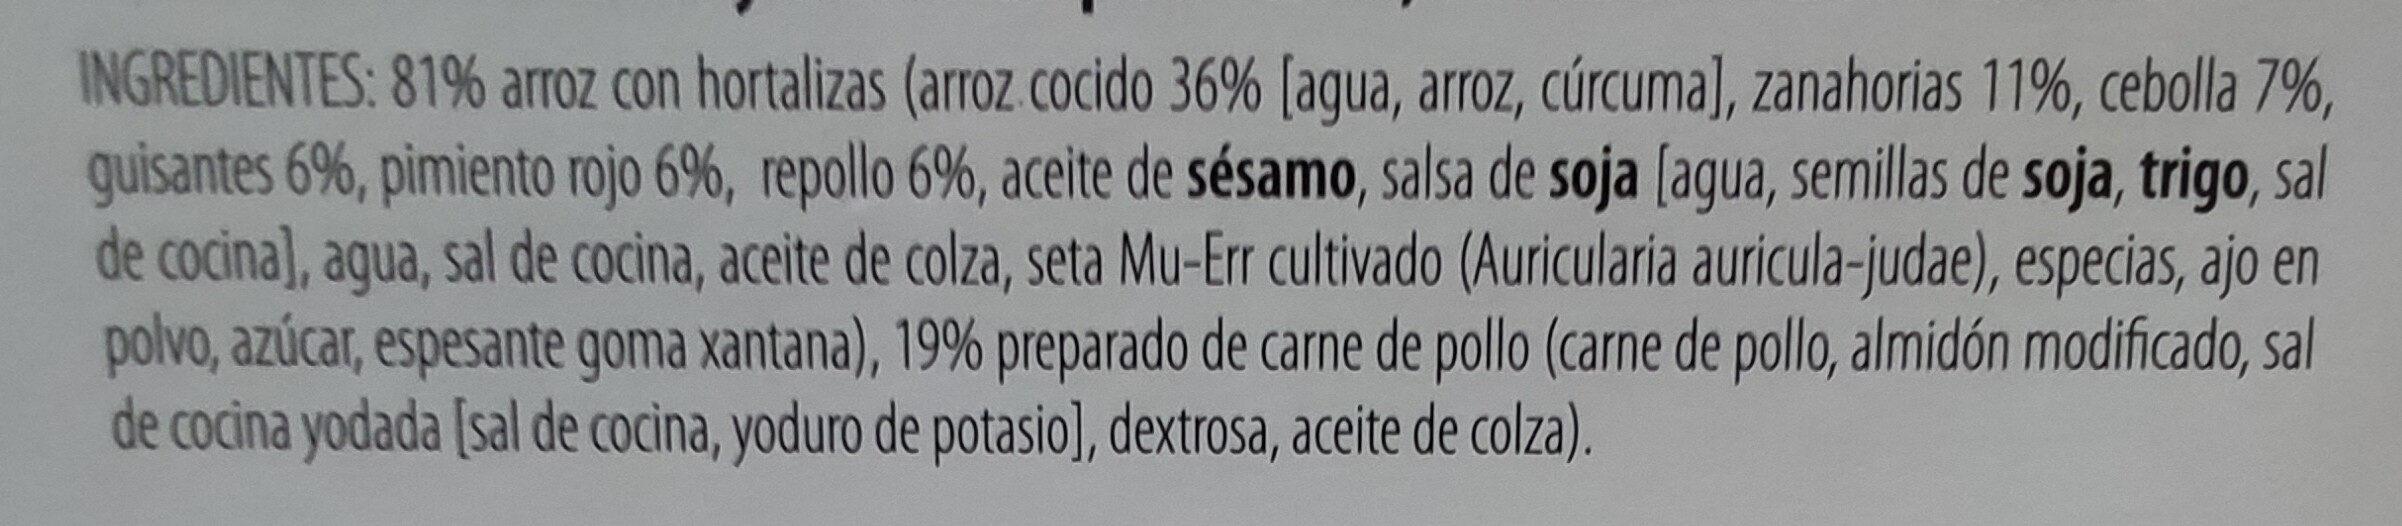 Nasi Goreng con carne de pollo frita - Ingredientes - es